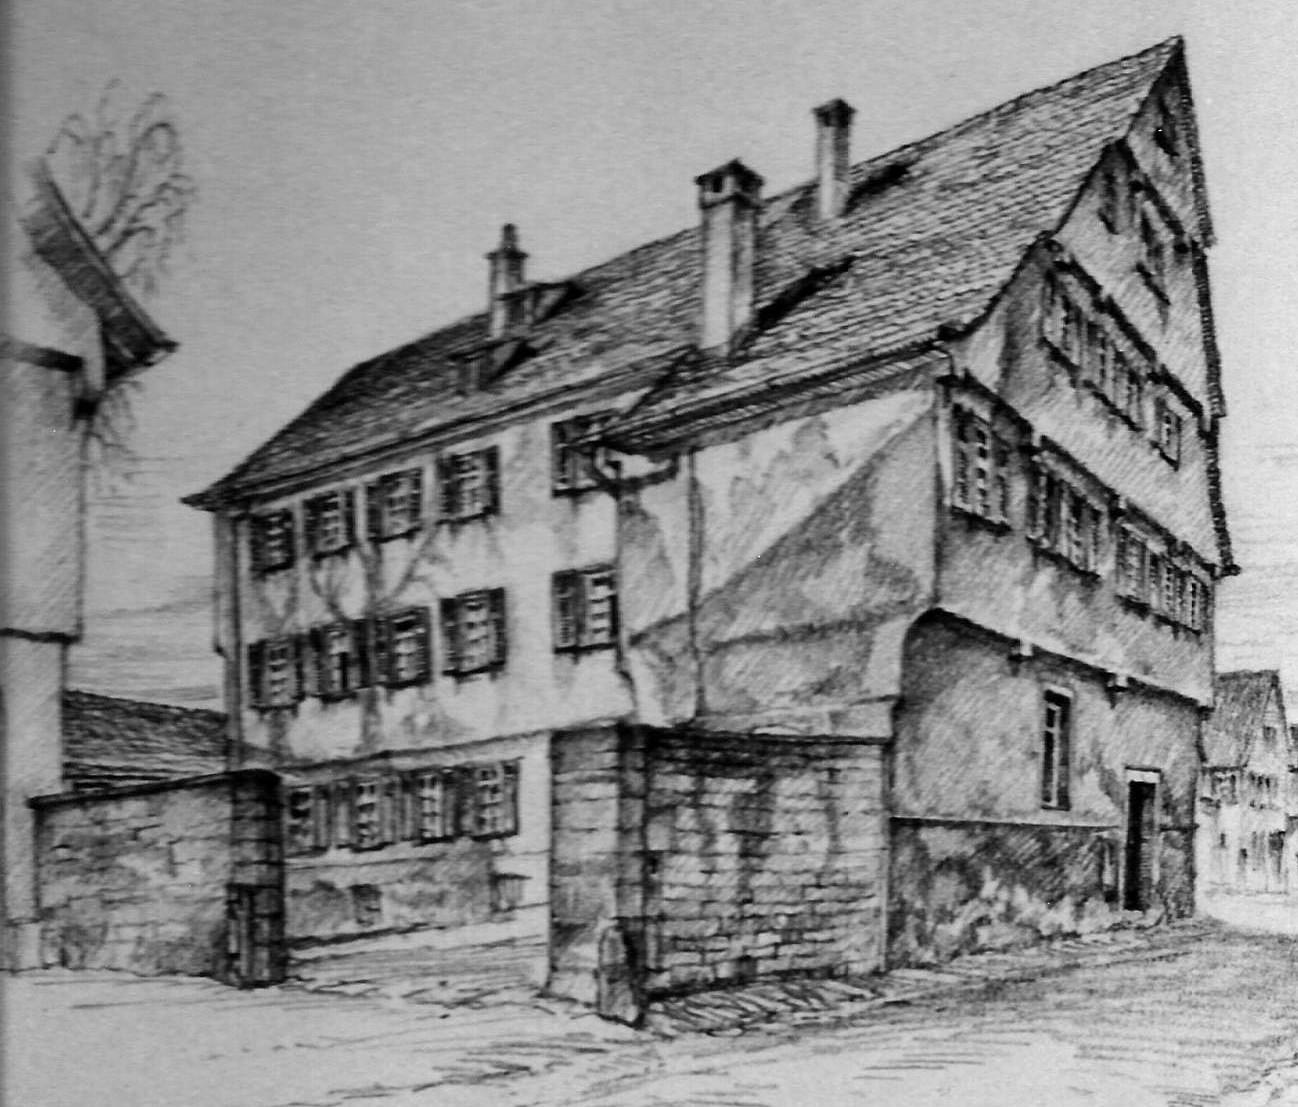 Zeichnung des Bebenhäuser Klosterhofs der Lehrerin Hildegard Gaiser für das Album, das anlässlich der Pensionierung von Gertrud Krauß im Jahr 1974 entstand.